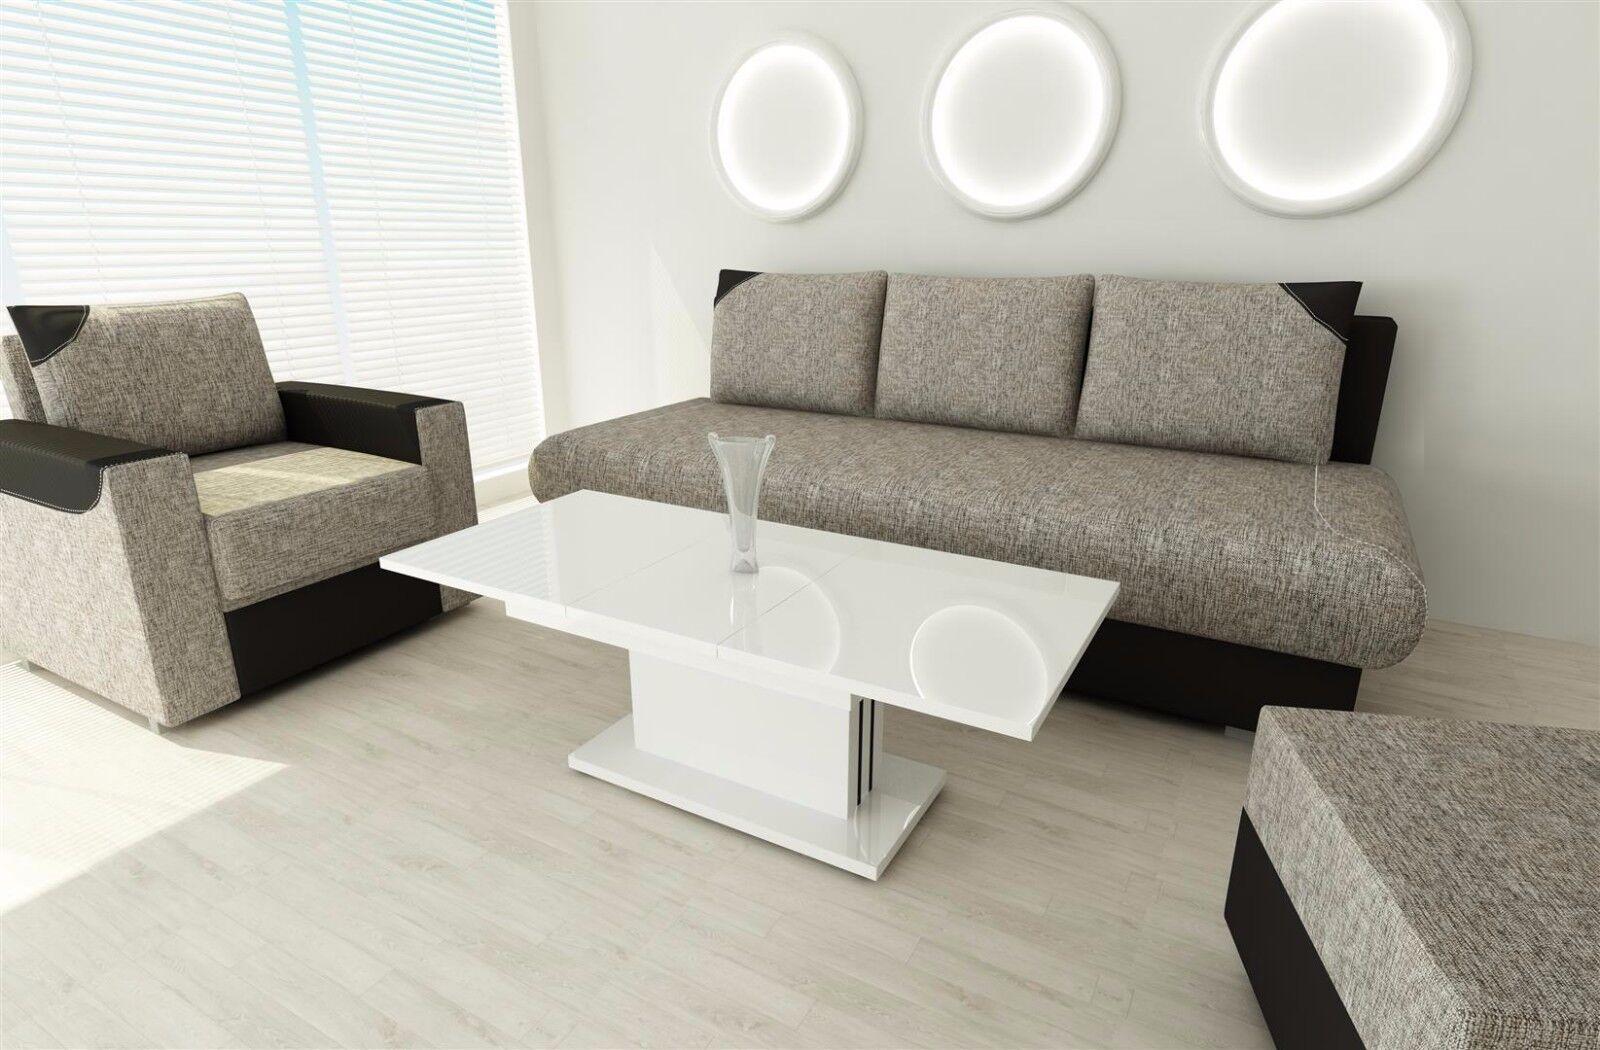 Couchtisch Hochglanz weiß ausziehbar Wohnzimmer design modern edler ...